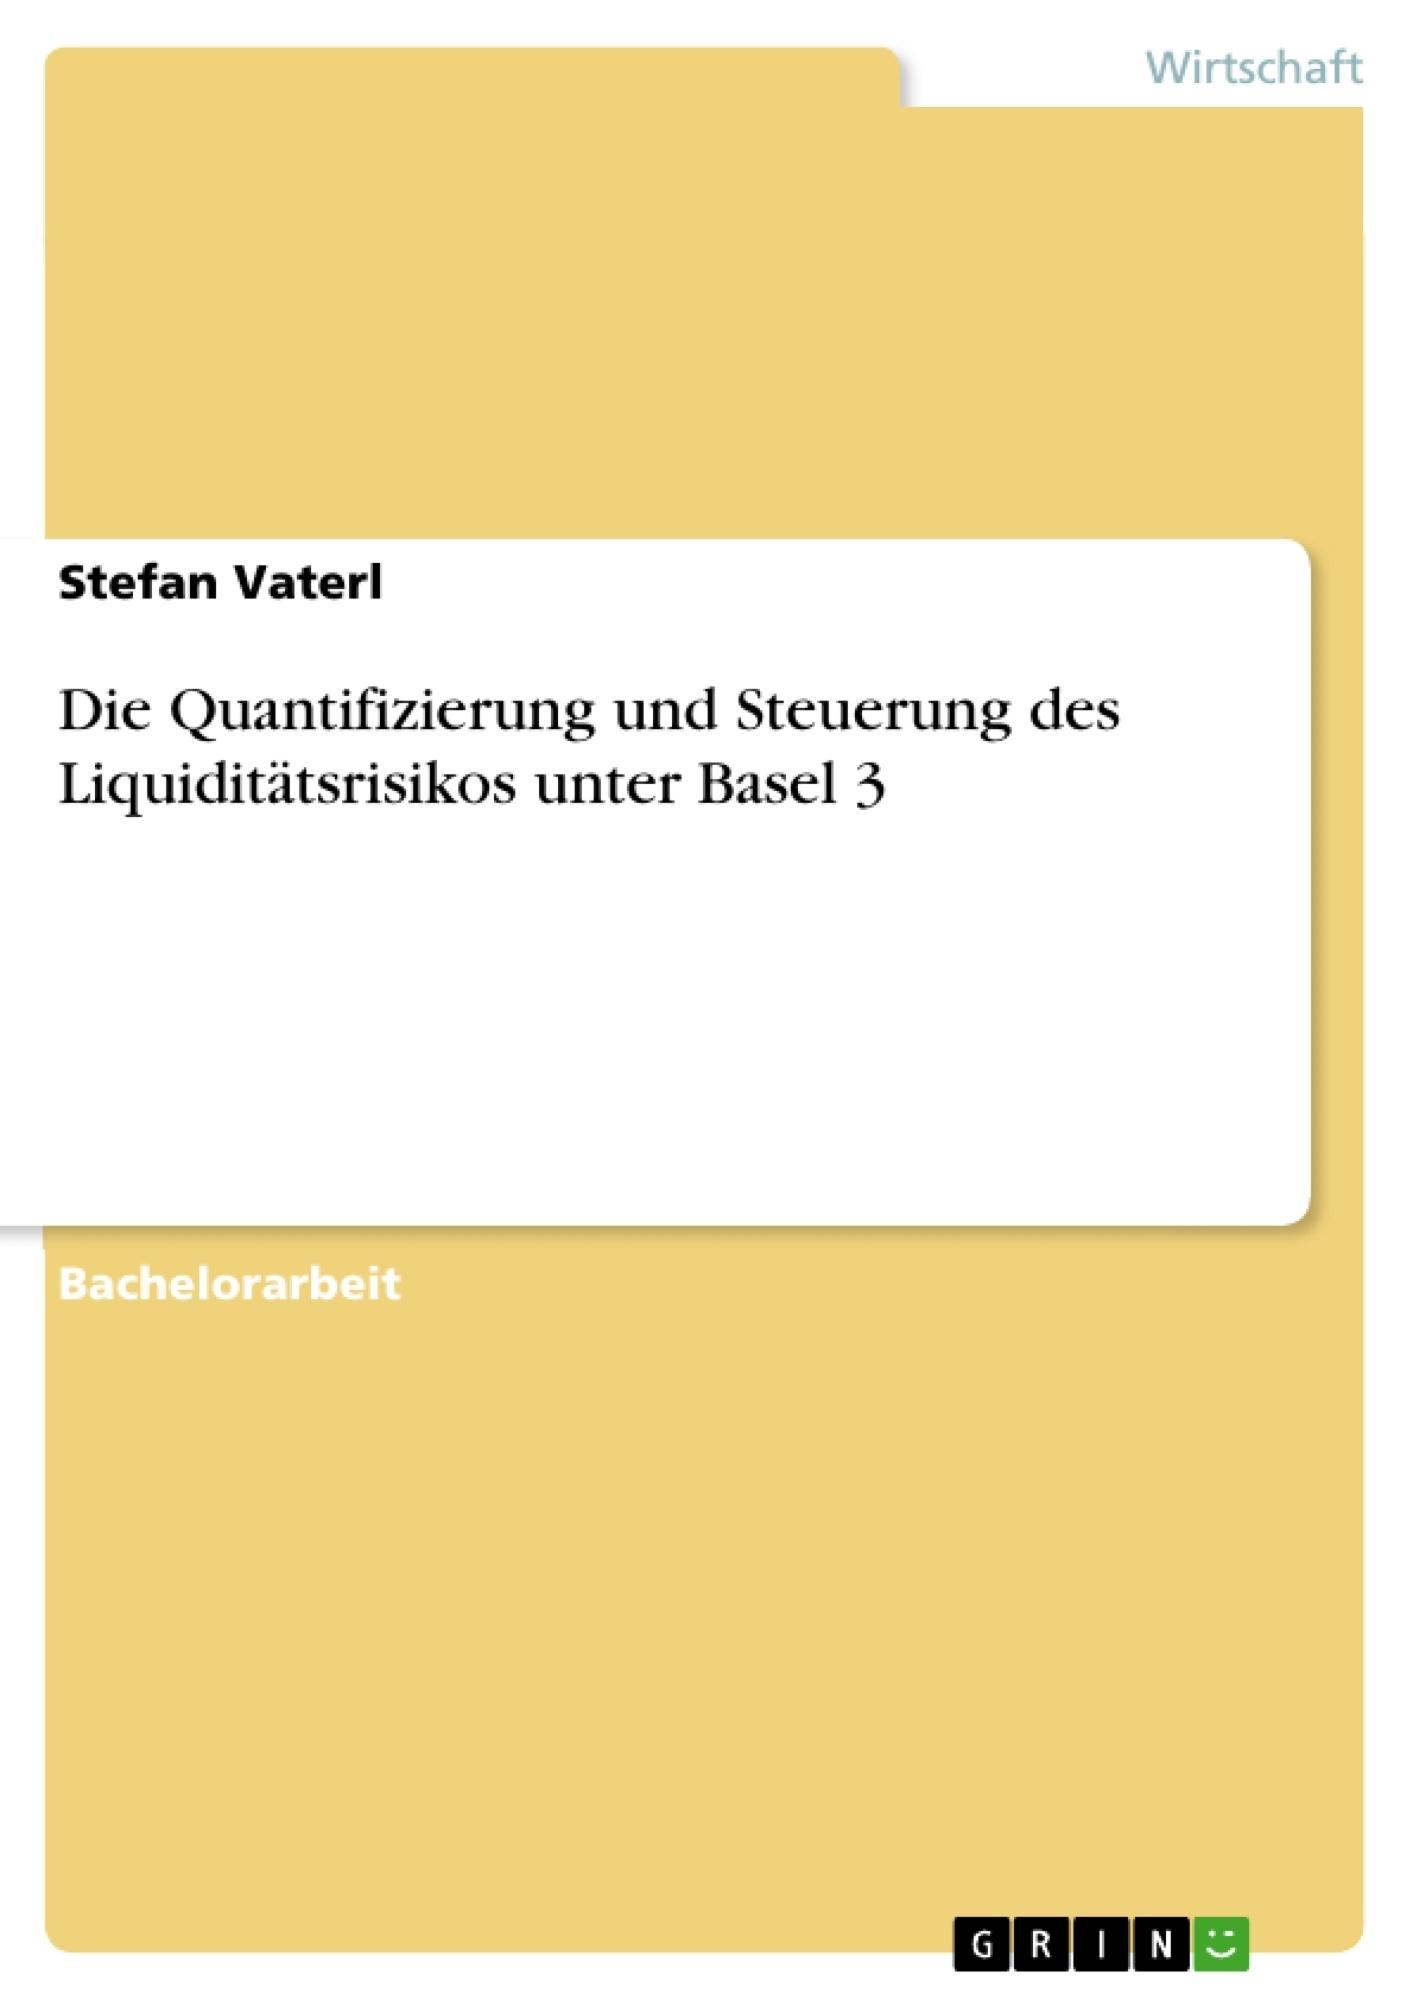 Titel: Die Quantifizierung und Steuerung des Liquiditätsrisikos unter Basel 3